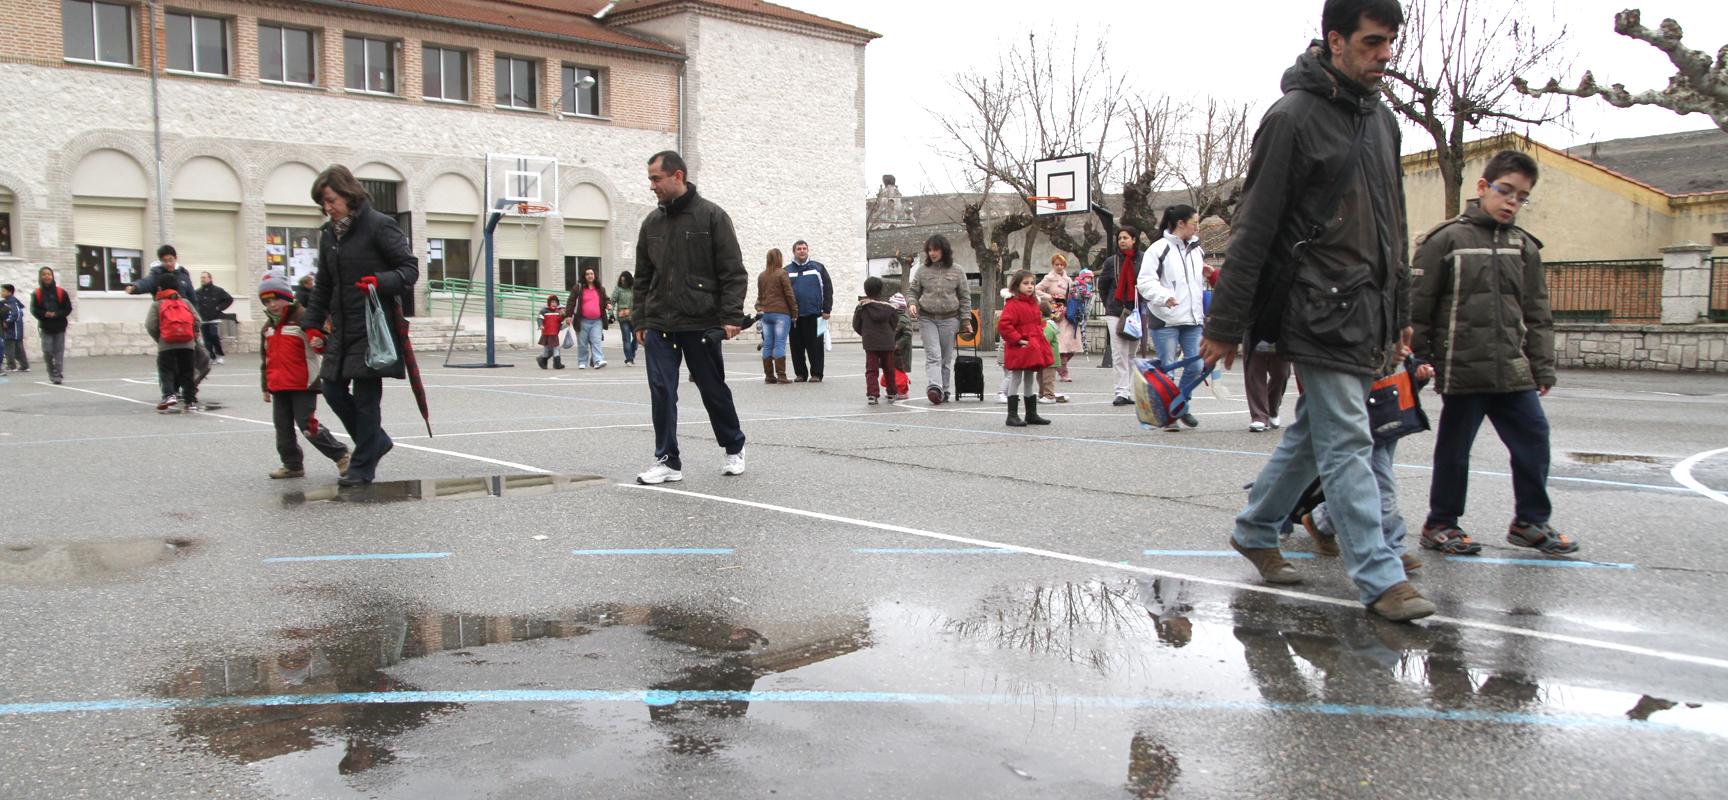 La temperatura, la lluvia y la nieve impiden a los alumnos  recibir sus clases de Educación Física.